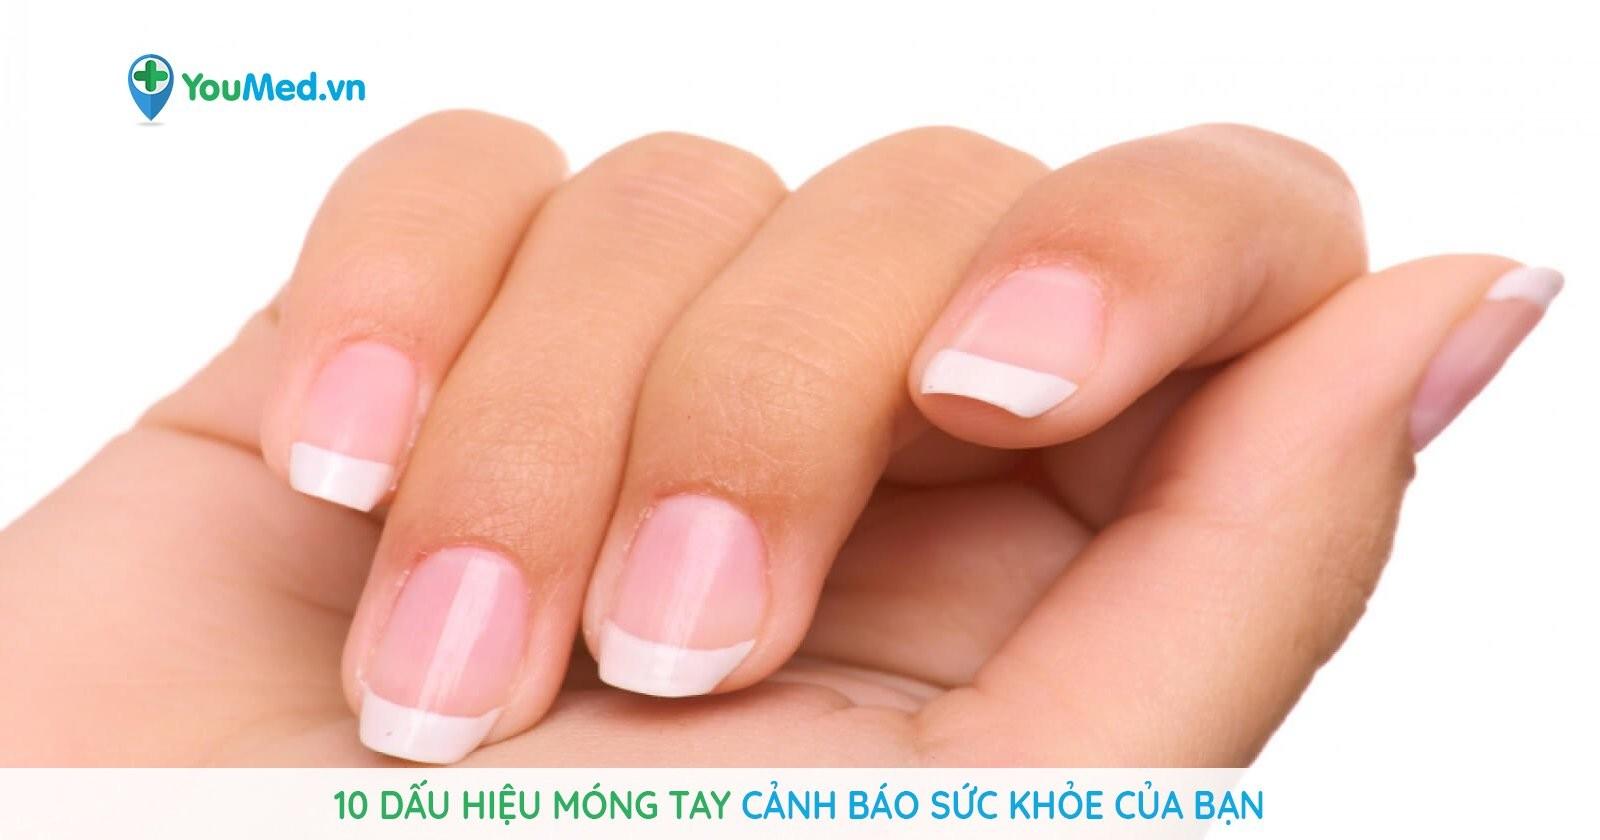 10 dấu hiệu móng tay bất thường cảnh báo sức khỏe